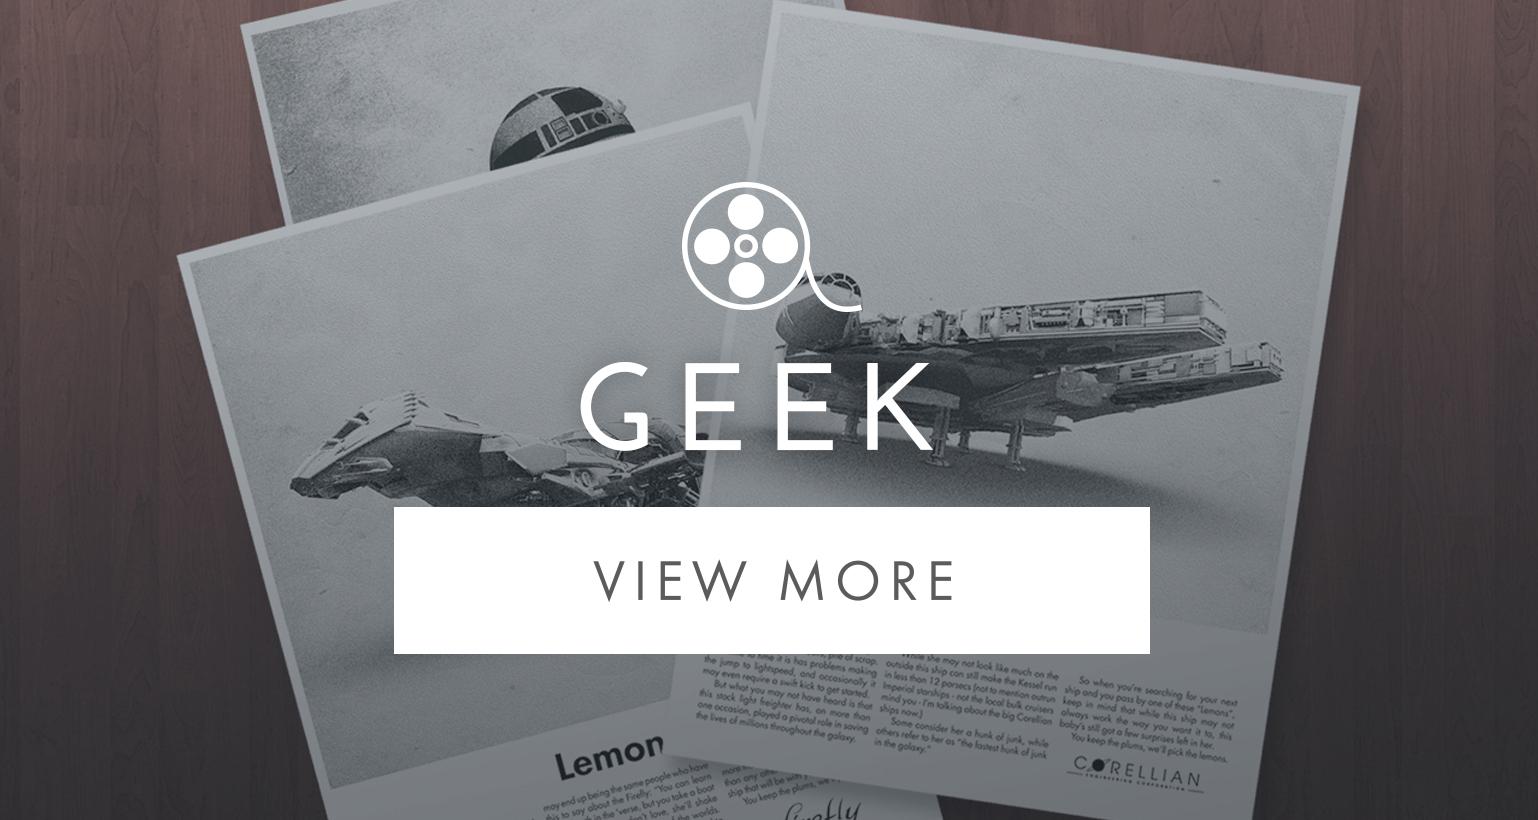 Geek_Mobile